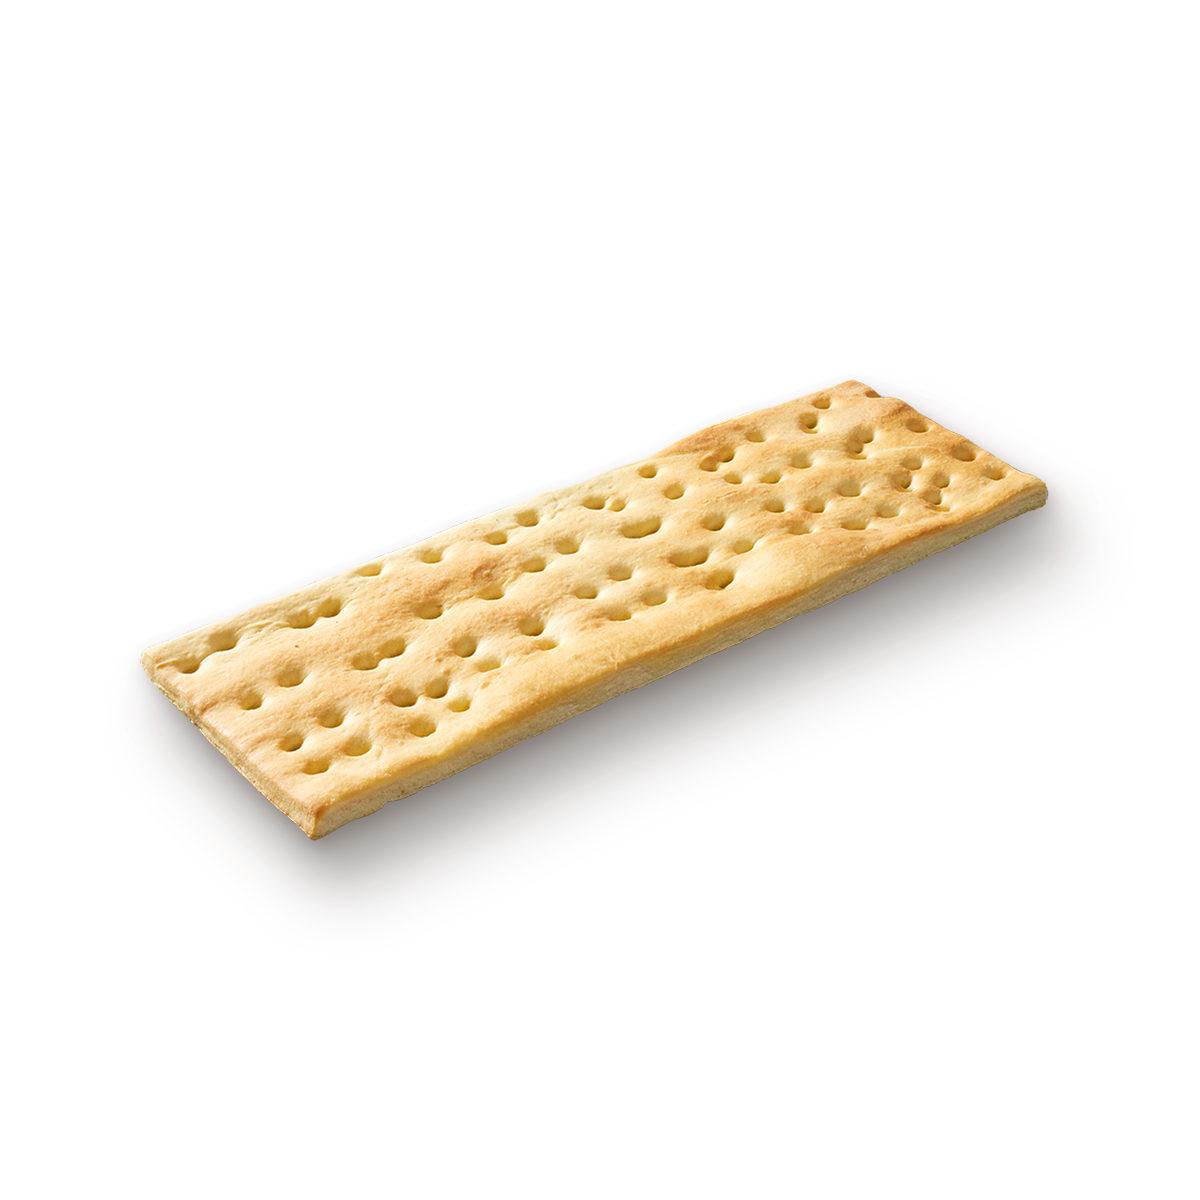 Plain, divisible bread